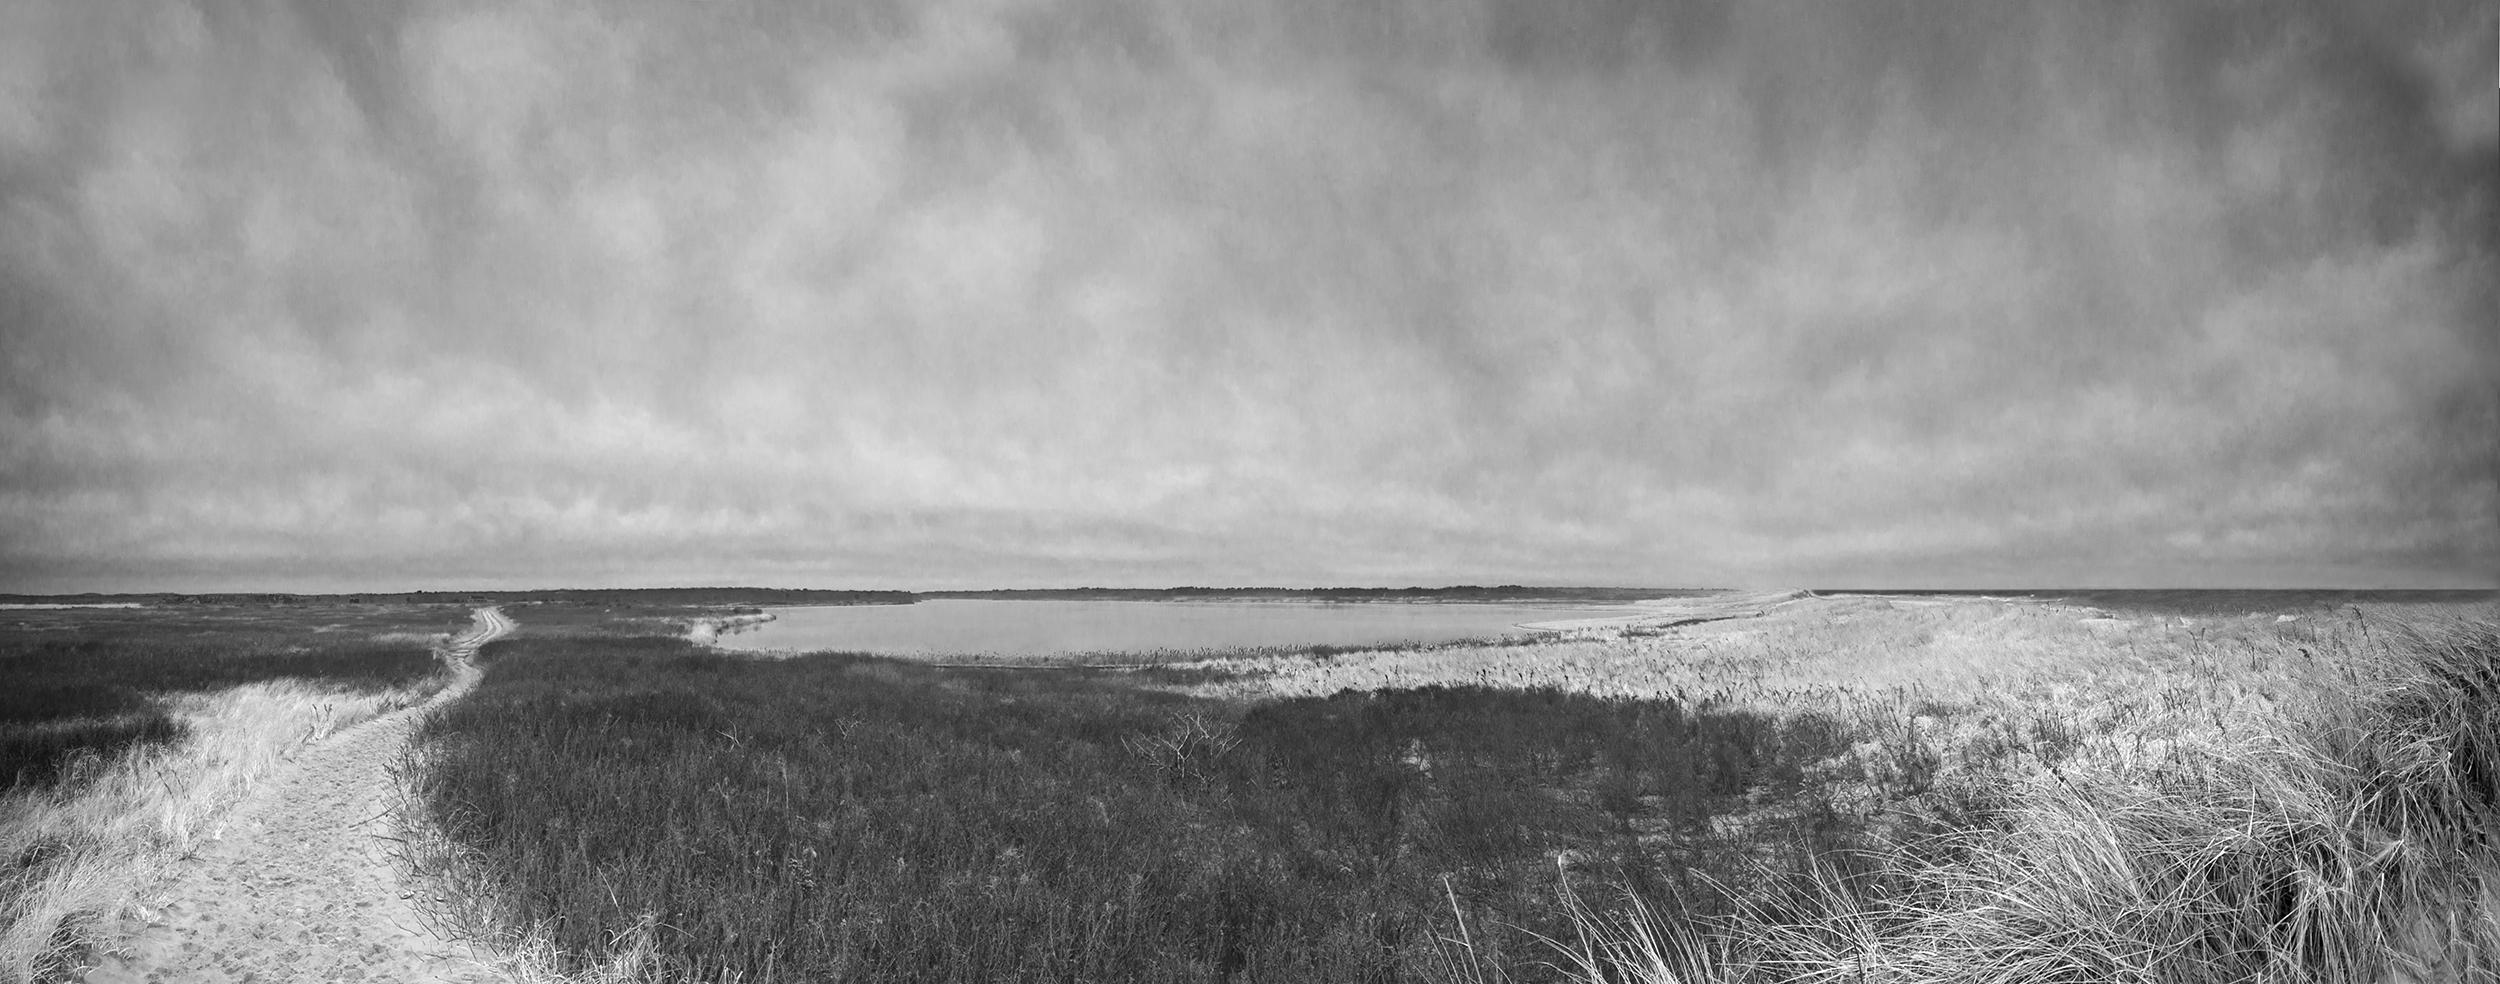 Pond and Sea